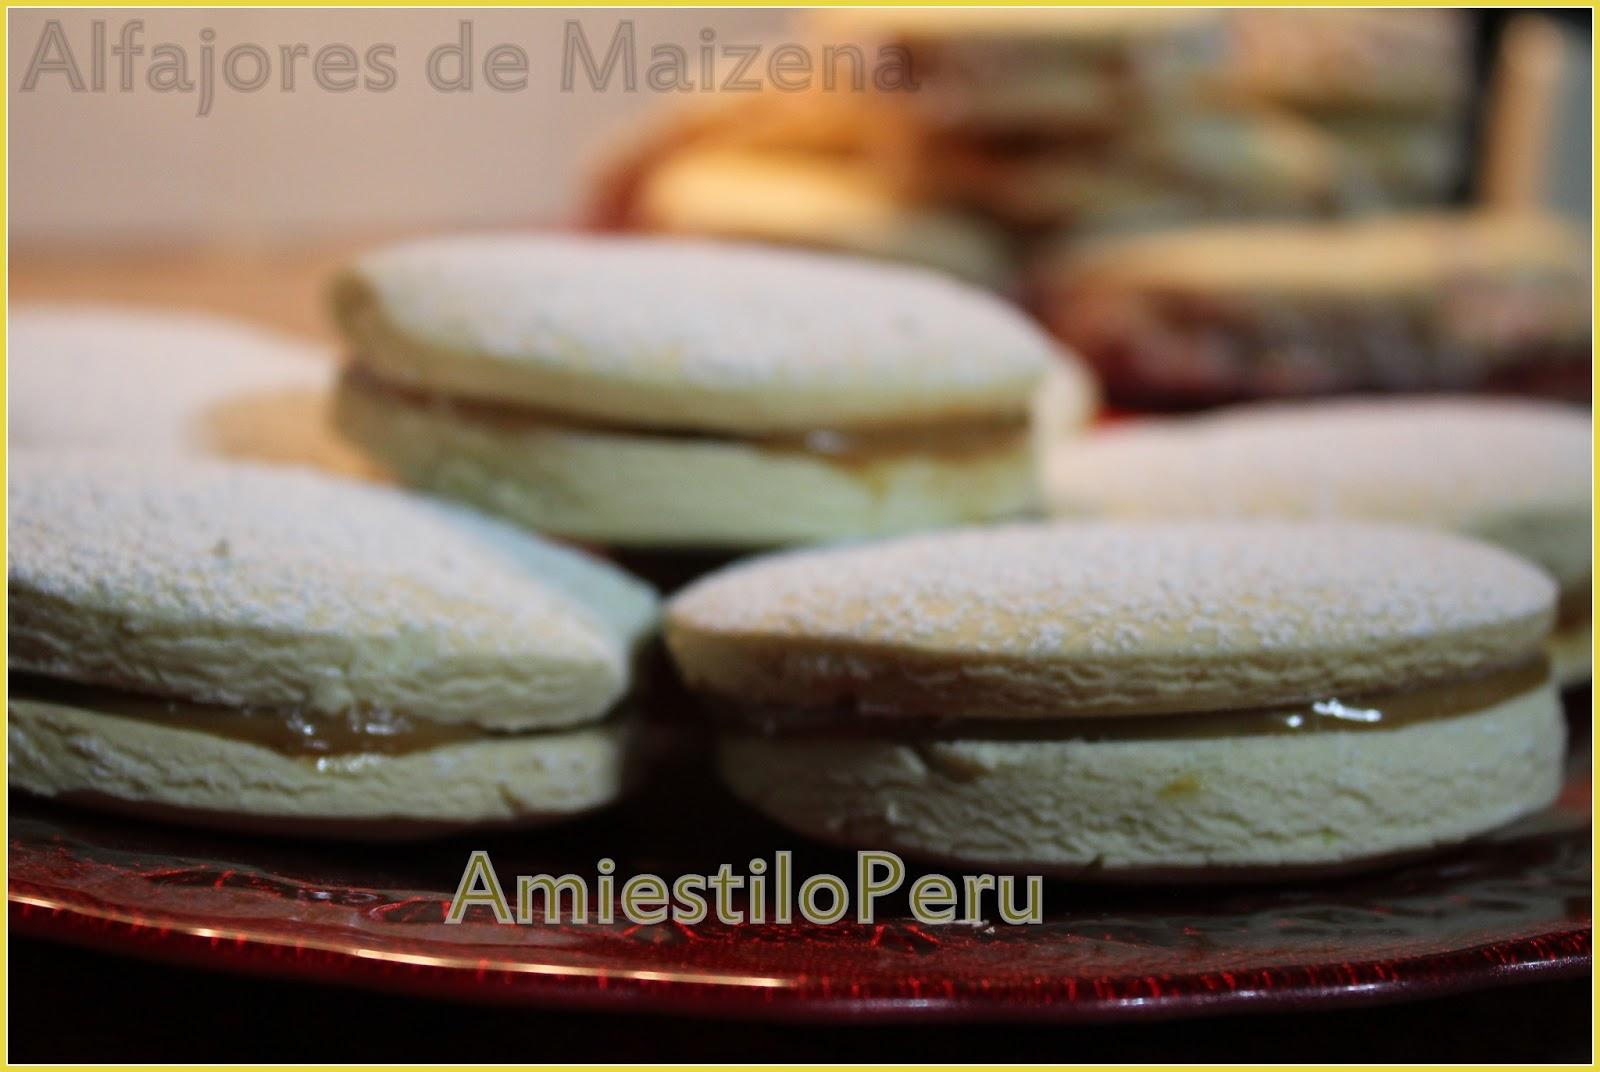 Amiestiloperu Alfajores De Maizena